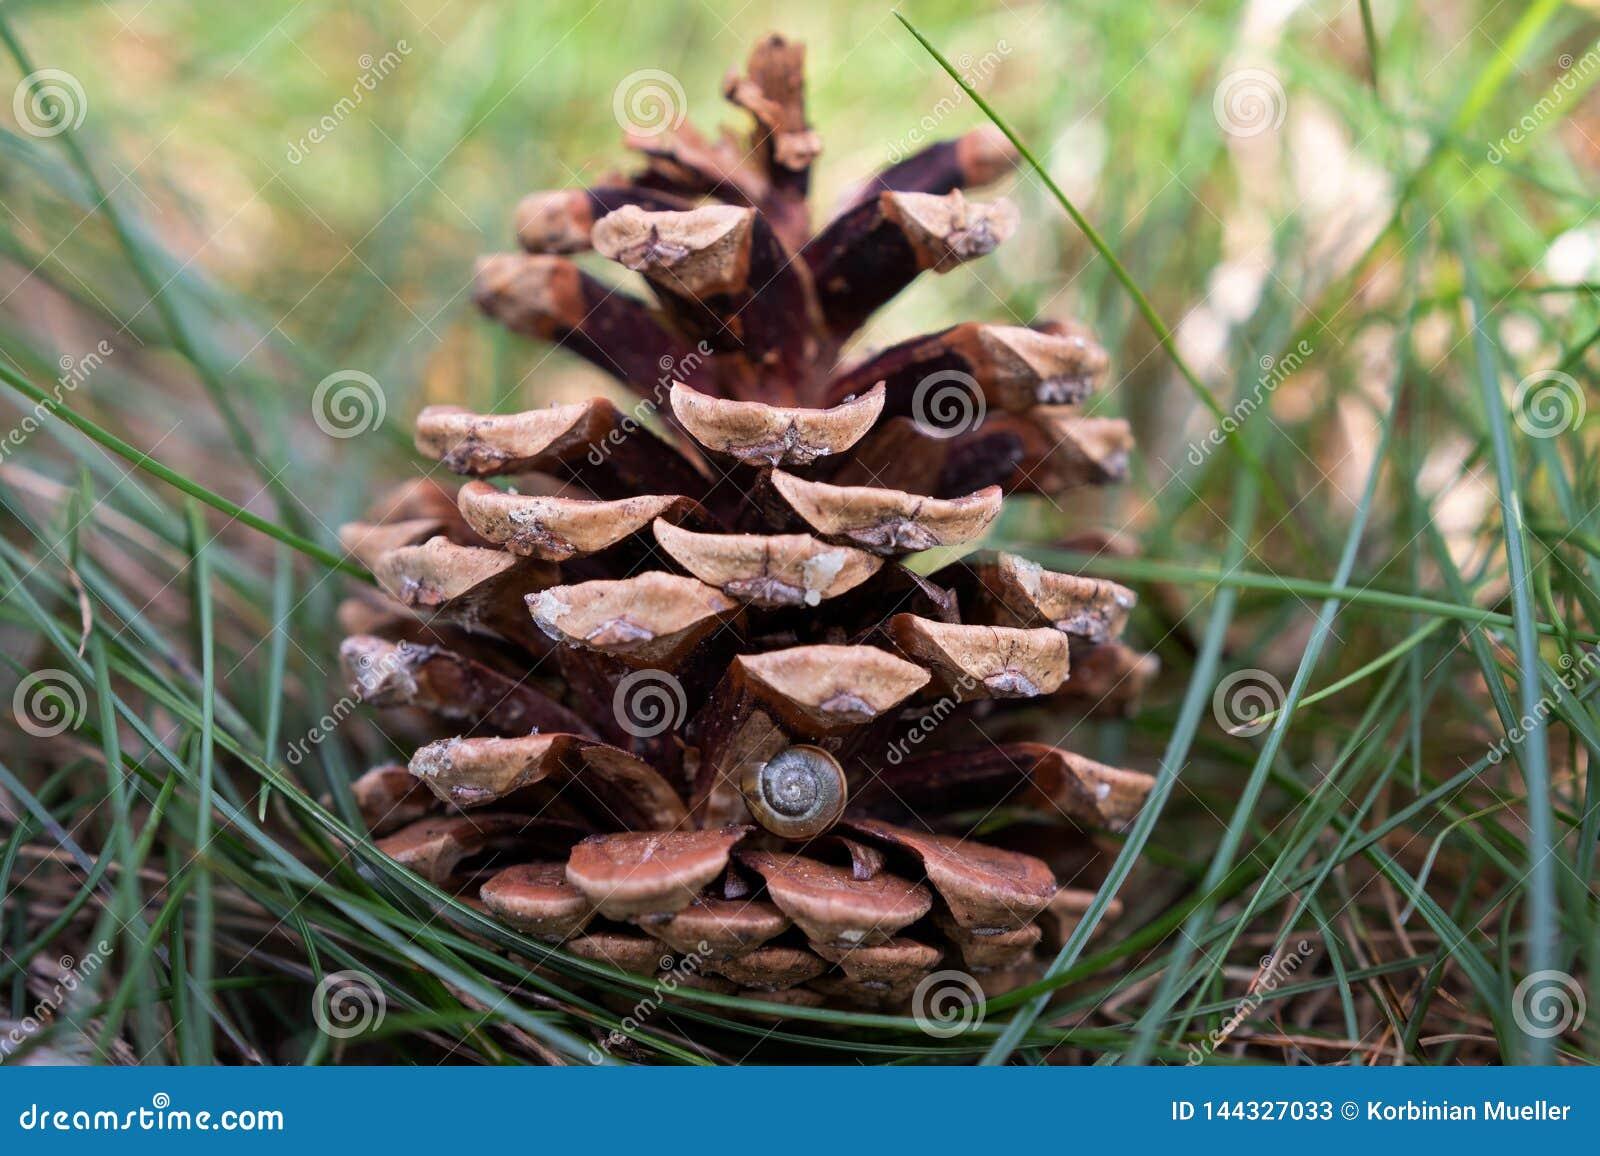 Cône de pin avec une petite coquille d escargot